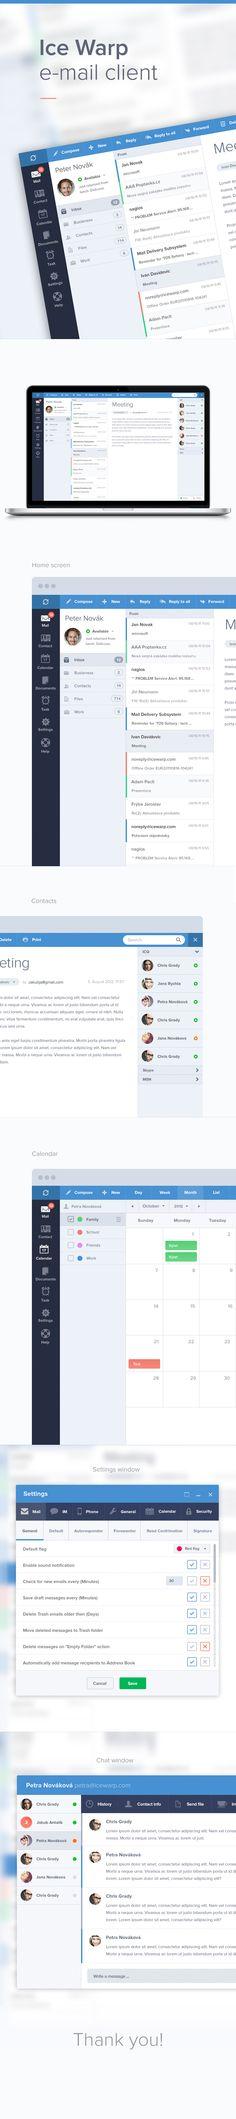 E-mail client - on @Behance: http://www.behance.net/gallery/E-mail-client/8626803